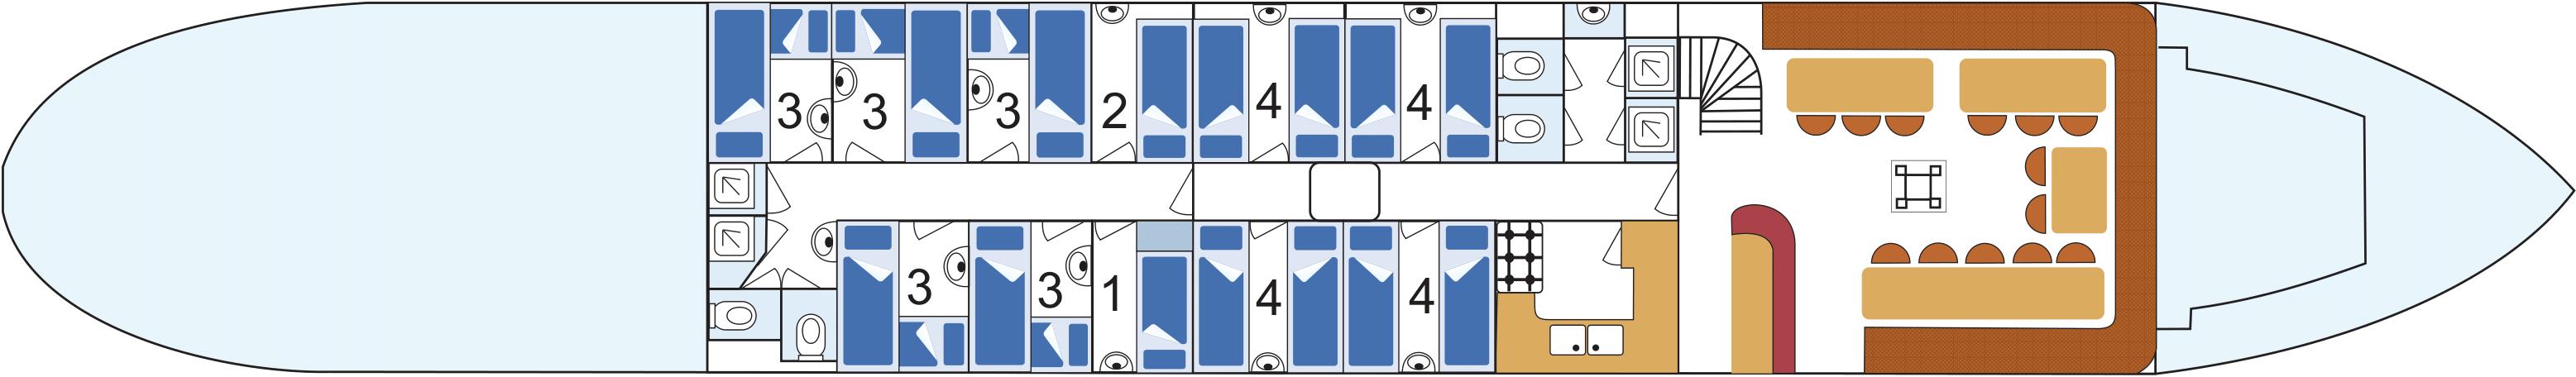 Kabineneinteilung unter Deck